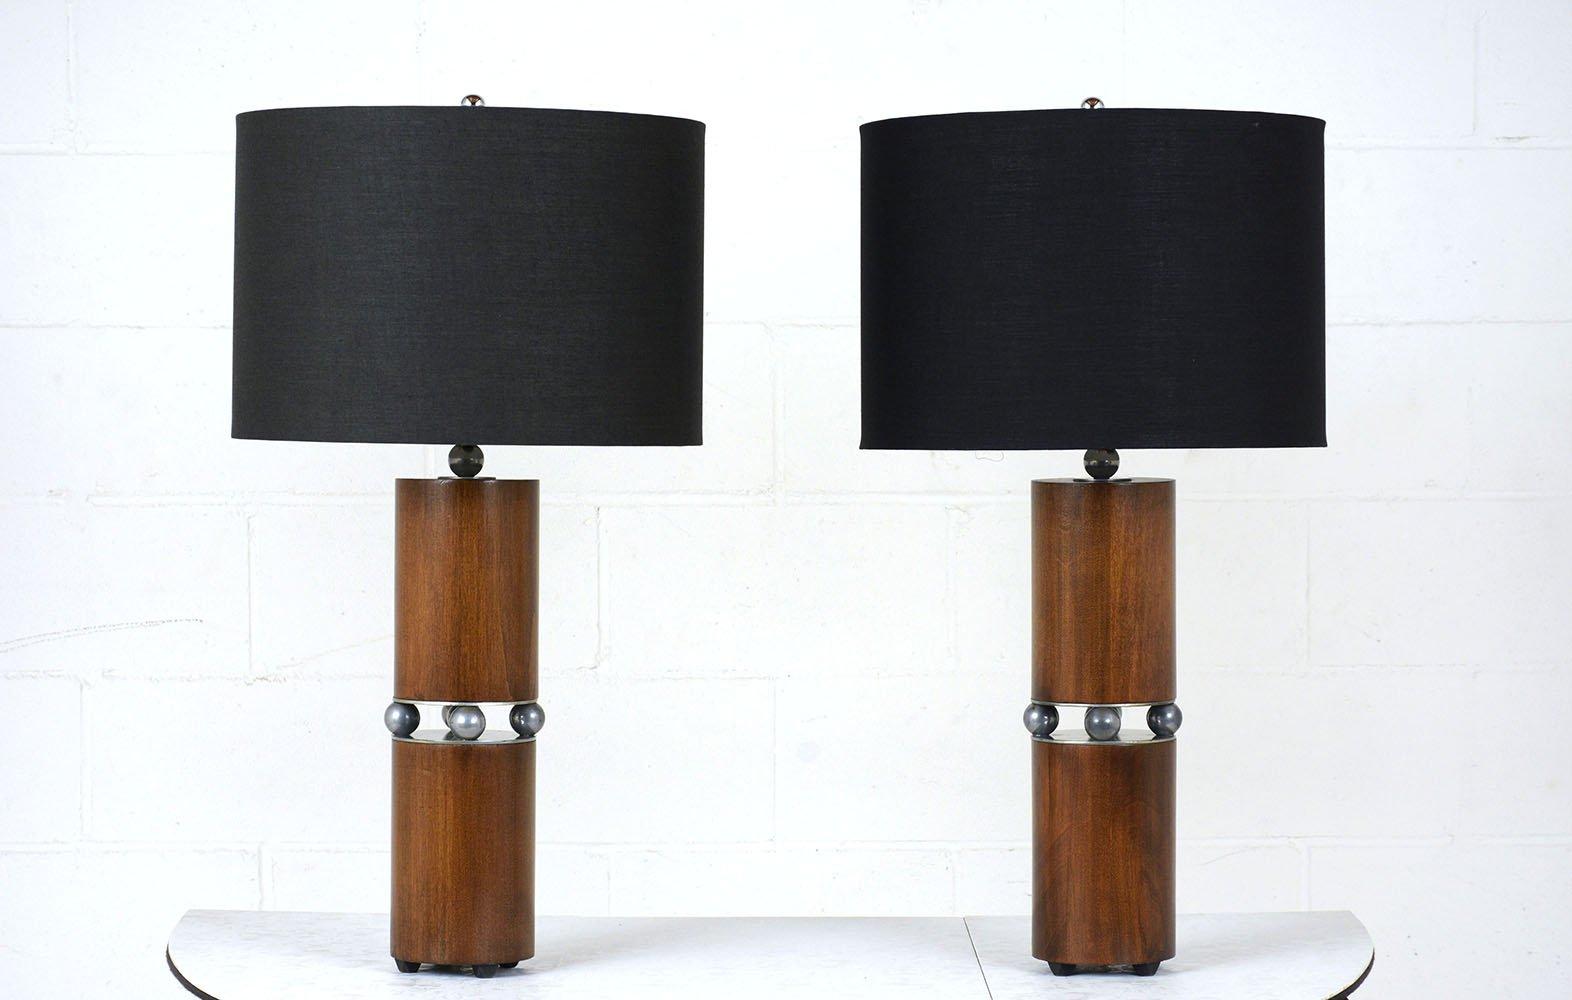 Lampade da tavolo mid century moderne set di 2 in vendita su pamono - Lampade moderne da tavolo ...